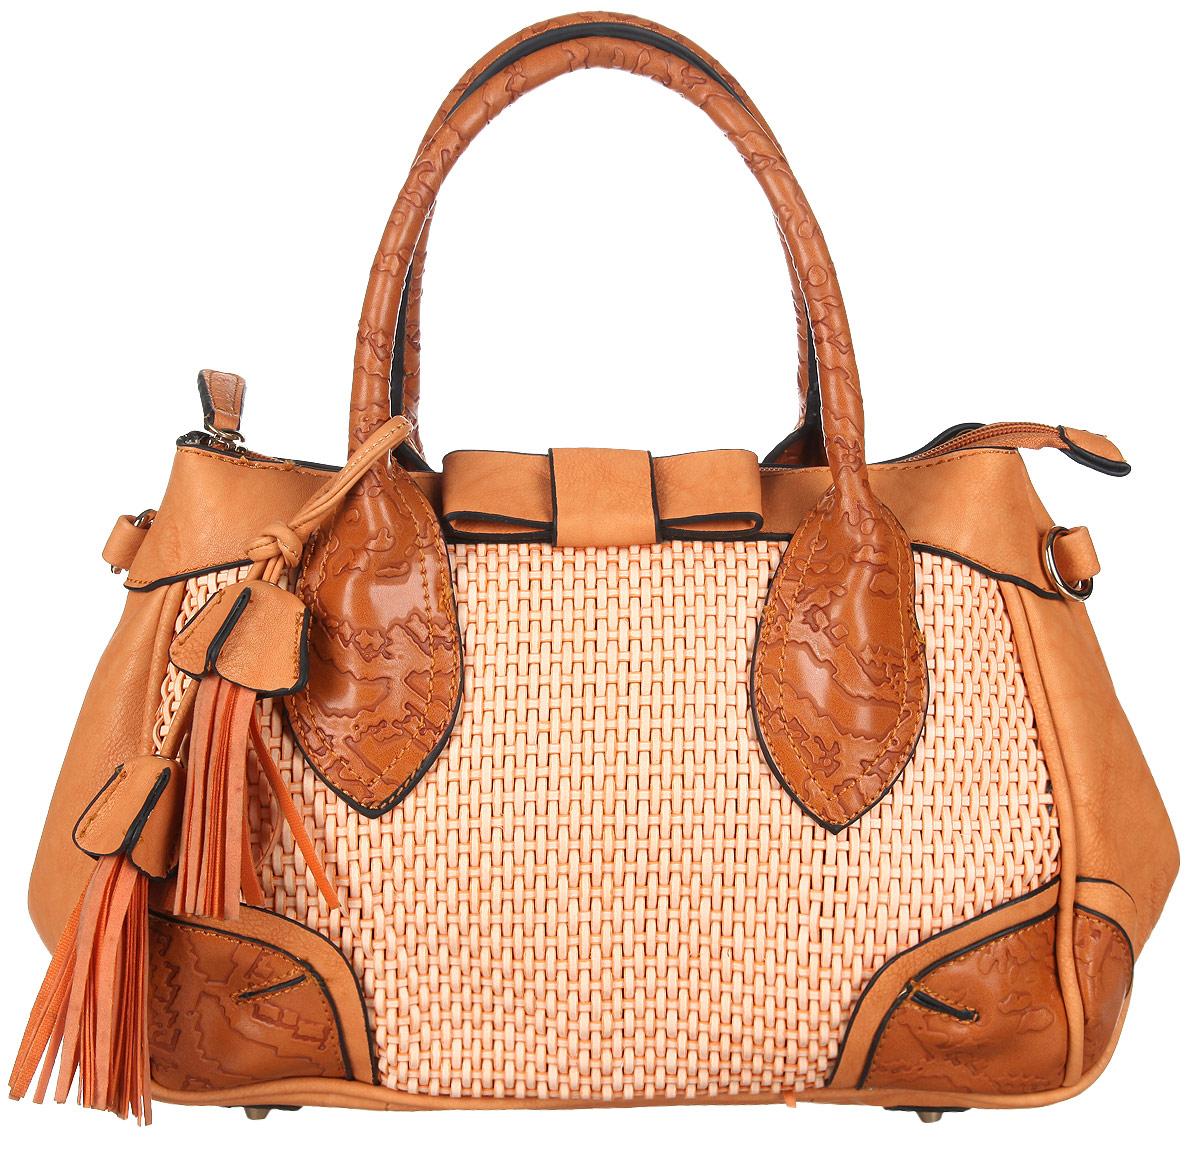 Сумка женская Orsa Oro, цвет: оранжевый. DK-329/11DK-329/11Стильная женская сумка Orsa Oro выполнена из искусственной кожи, оформлена оригинальной подвеской, фактурным тиснением и вставкой из искусственной кожи с декоративным плетением. Изделие содержит одно отделение, которое закрывается на молнию. Внутри расположены: два накладных кармашка для мелочей и врезной карман на молнии. Сумка оснащена съемным плечевым ремнем регулируемой длины, а также двумя практичными ручками. Дно сумки дополнено металлическими ножками. Оригинальный аксессуар позволит вам завершить образ и быть неотразимой.